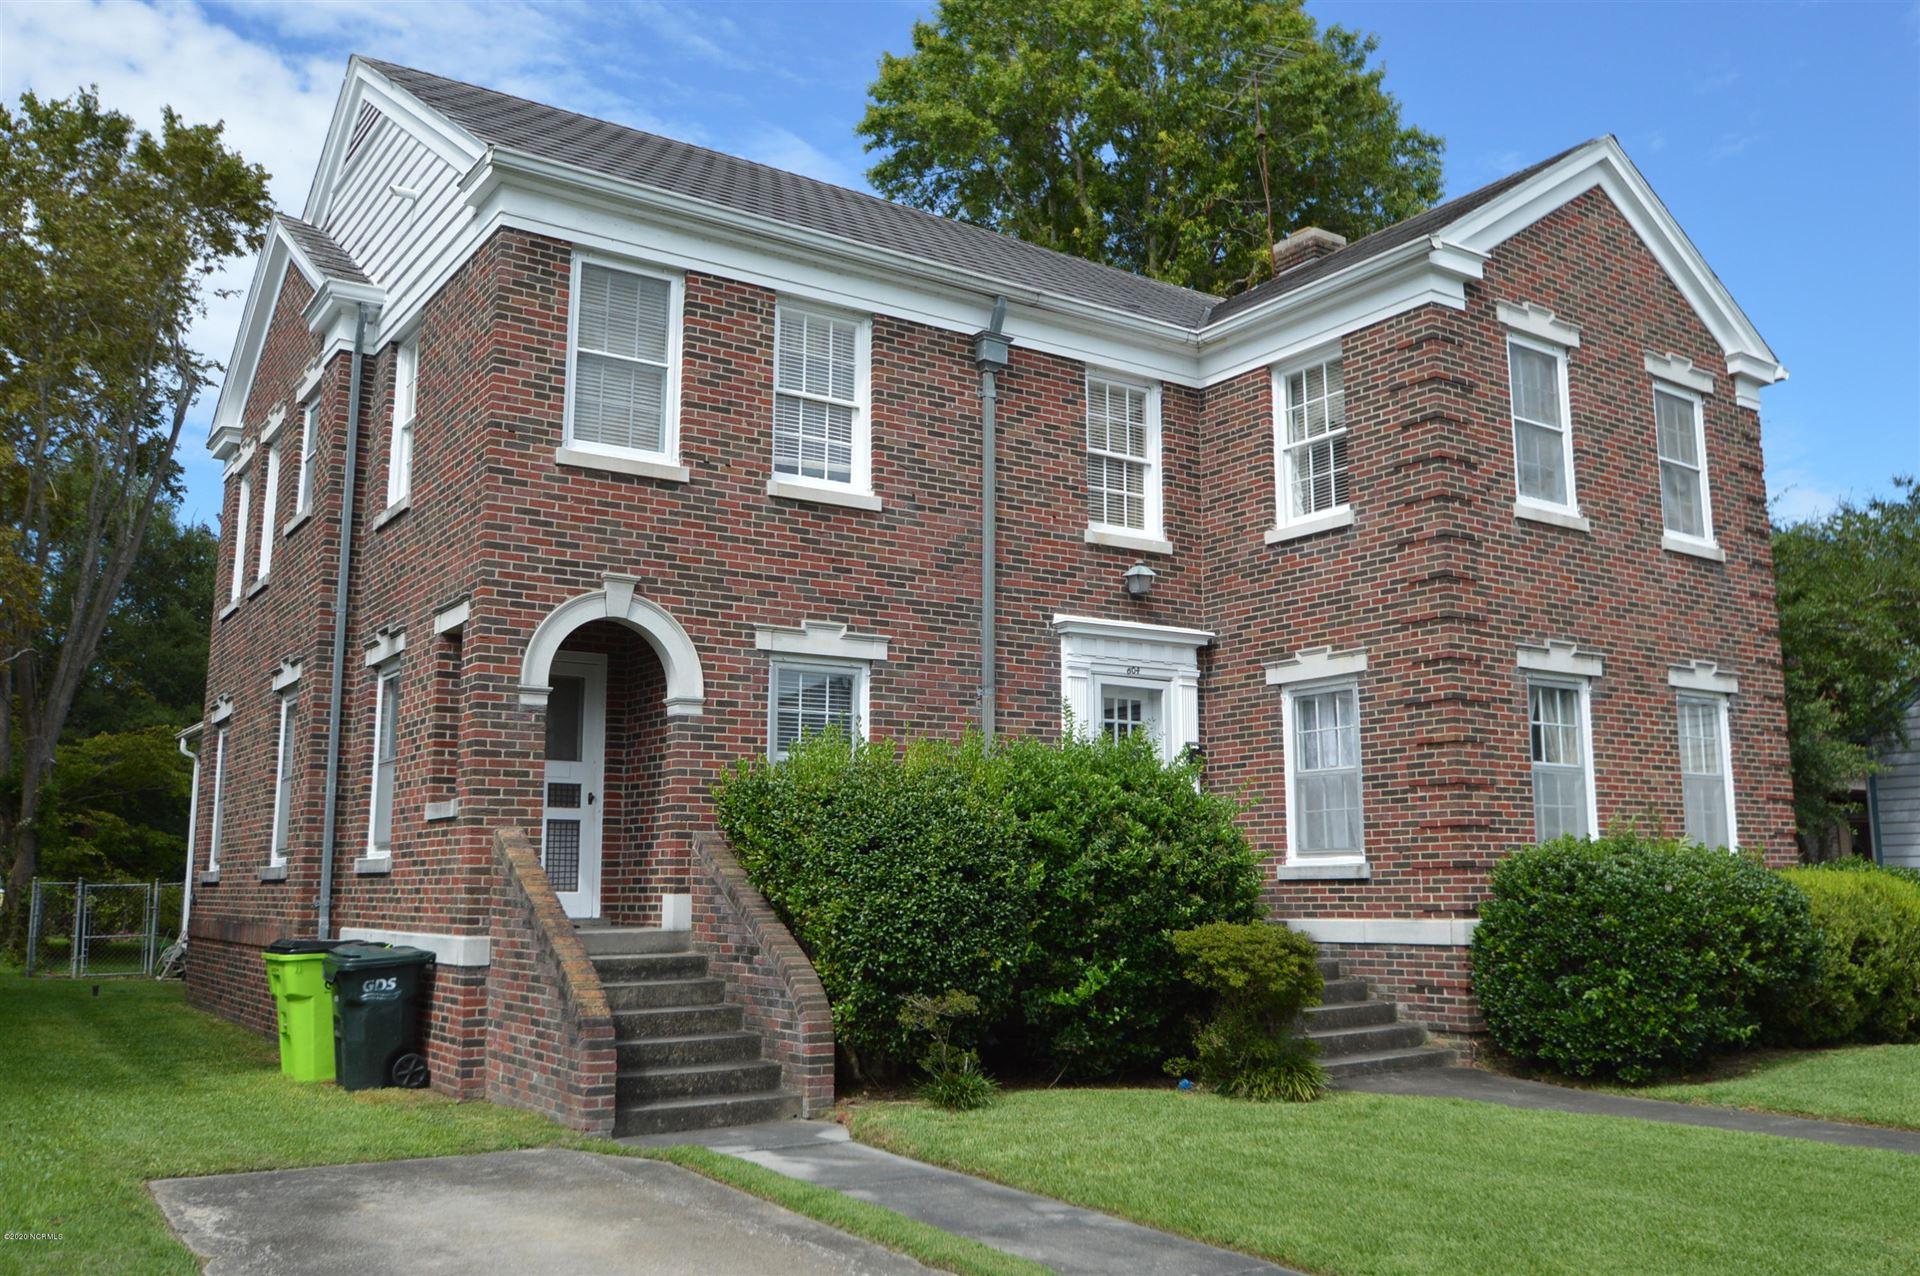 604 Pollock Street, New Bern, NC 28562 - #: 100204434